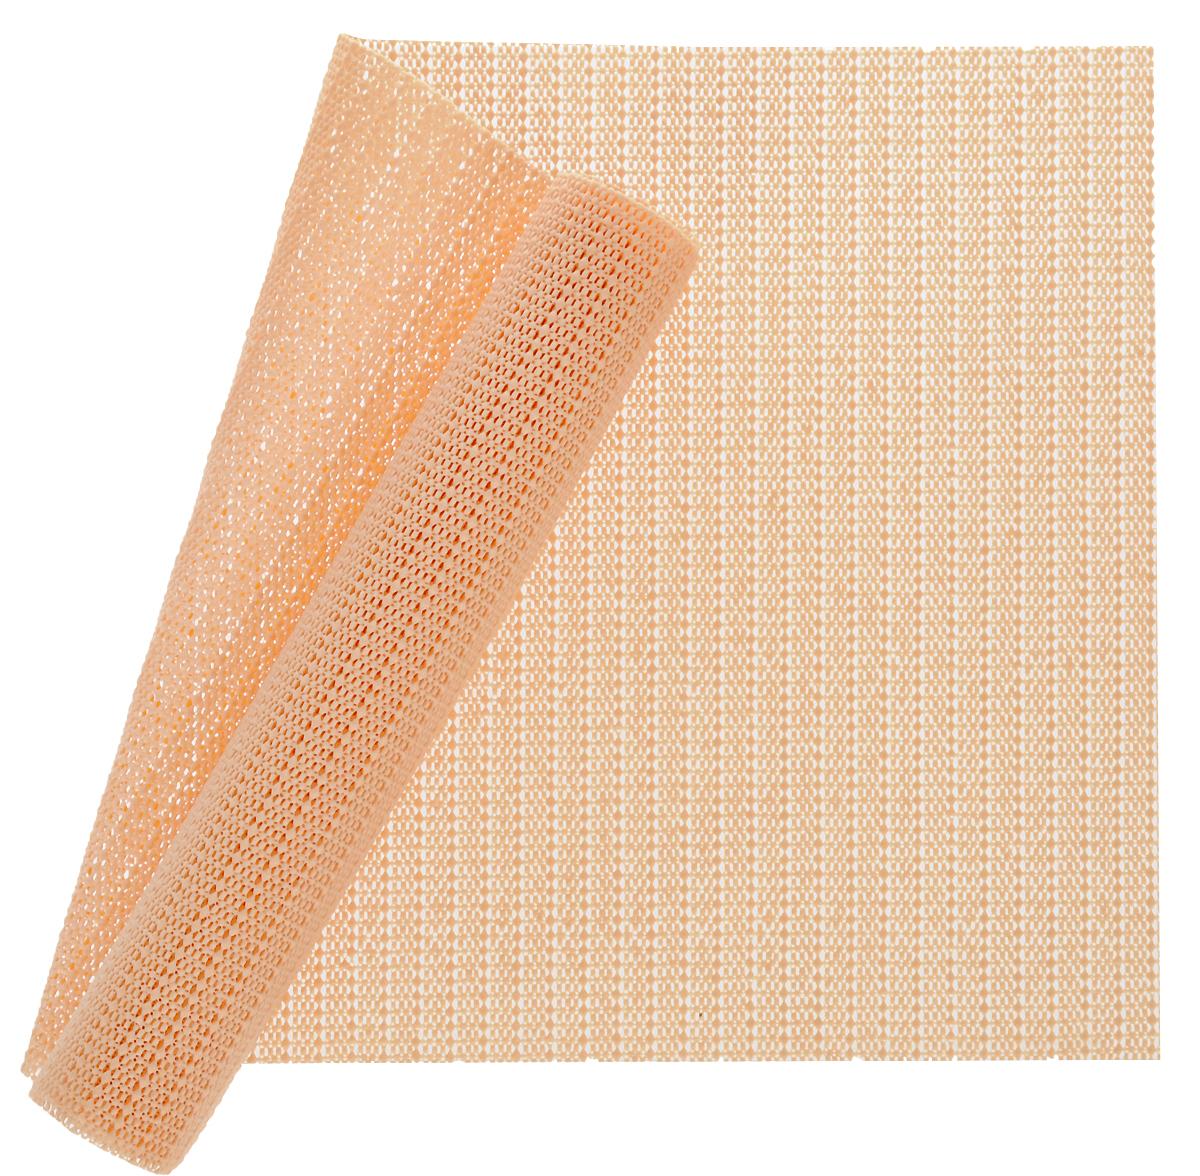 Коврик в холодильник Мультидом, цвет: оранжевый, 30 x 120 смFJ87-85Коврик в холодильник Мультидом в рулоне изготовлен из вспененного поливинилхлорида (ПВХ)пористой структуры, обладающий противоскользящими, абсорбирующими влагу иантиклеющимися к любым поверхностям свойствами. Из ПВХ коврика в рулоне можно вырезать салфетку необходимого вам размера дляиспользования на полках, выдвижных ящиках, столешницах кухонной мебели и в местах сушкипосуды. ПВХ салфетка защищает поверхность мебели от повреждений, загрязнений, а такжевпитывает воду. Возможно применение салфеток ПВХ в ванных комнатах, прихожих, гостиных и спальнях. Такжесалфетки ПВХ удобны для использования в офисах и дома при работе с оргтехникой иканцелярскими принадлежностями.Размер: 30 х 120 см. ПЕРДУПРЕЖДЕНИЕ! Нельзя ставить на салфетку горячие предметы.